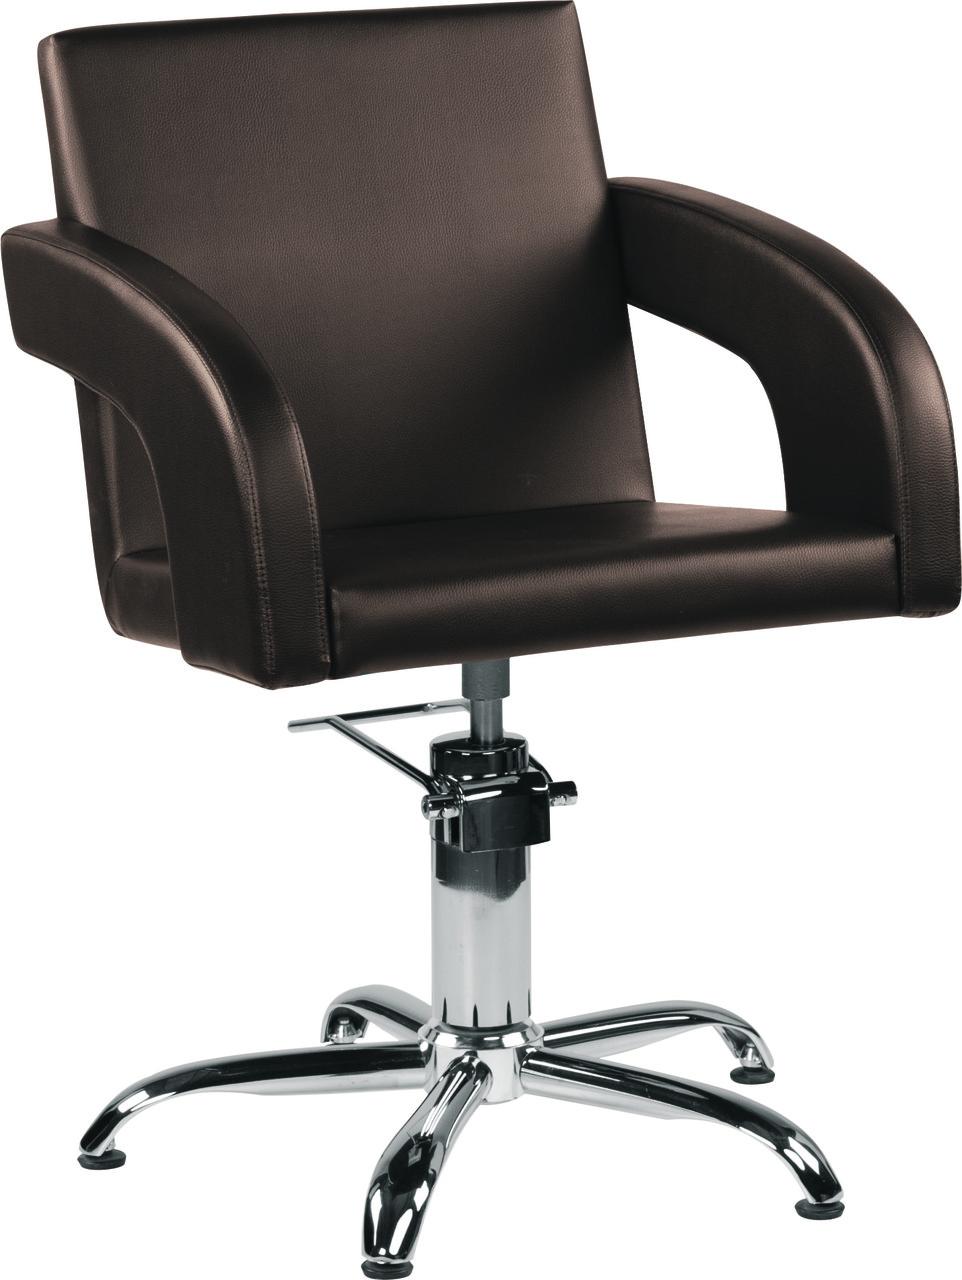 Парикмахерское кресло TINA, фото 1